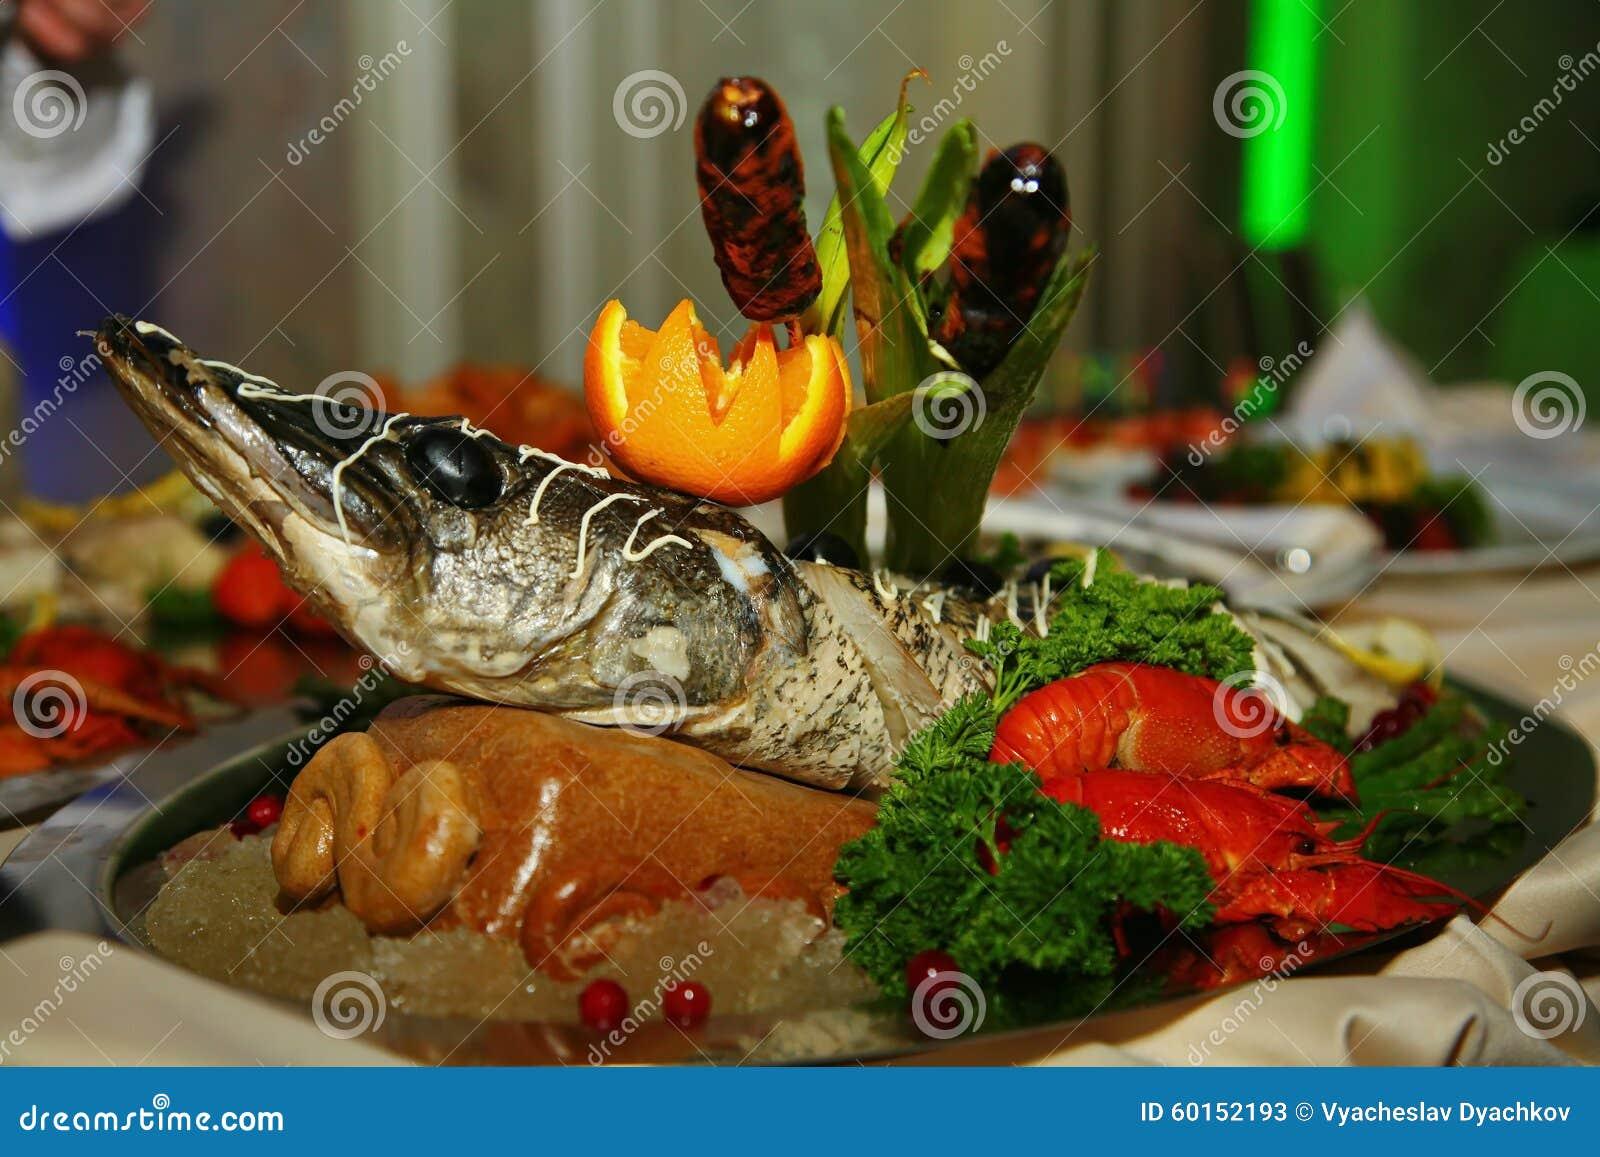 É decorada artisticamente com o sterlet dos peixes de Gefilte cozido inteiramente uma guloseima do cozinheiro chefe - um prato do